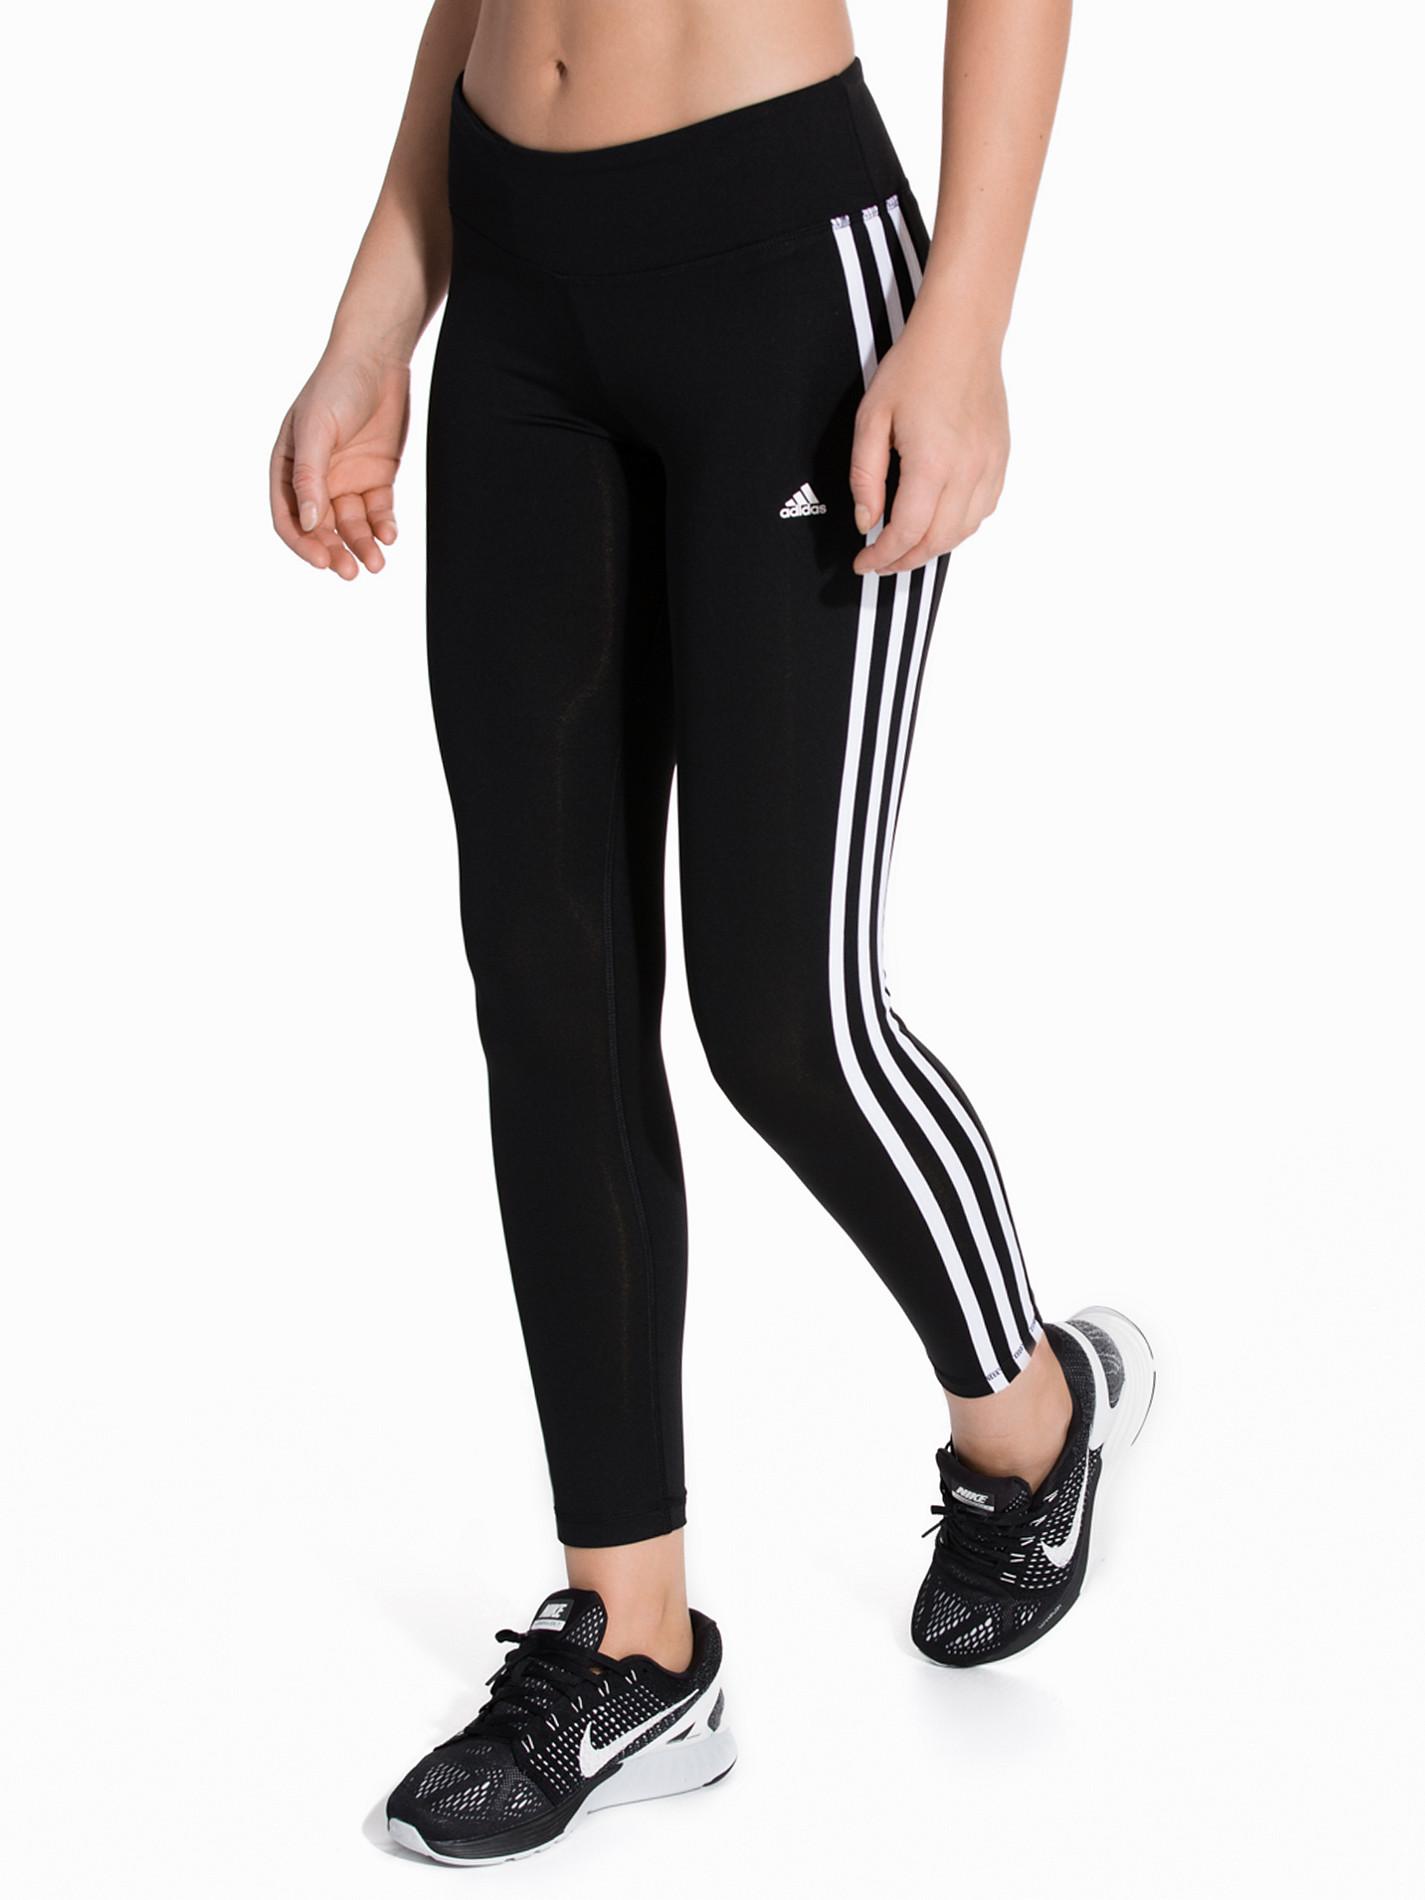 adidas_shorts_